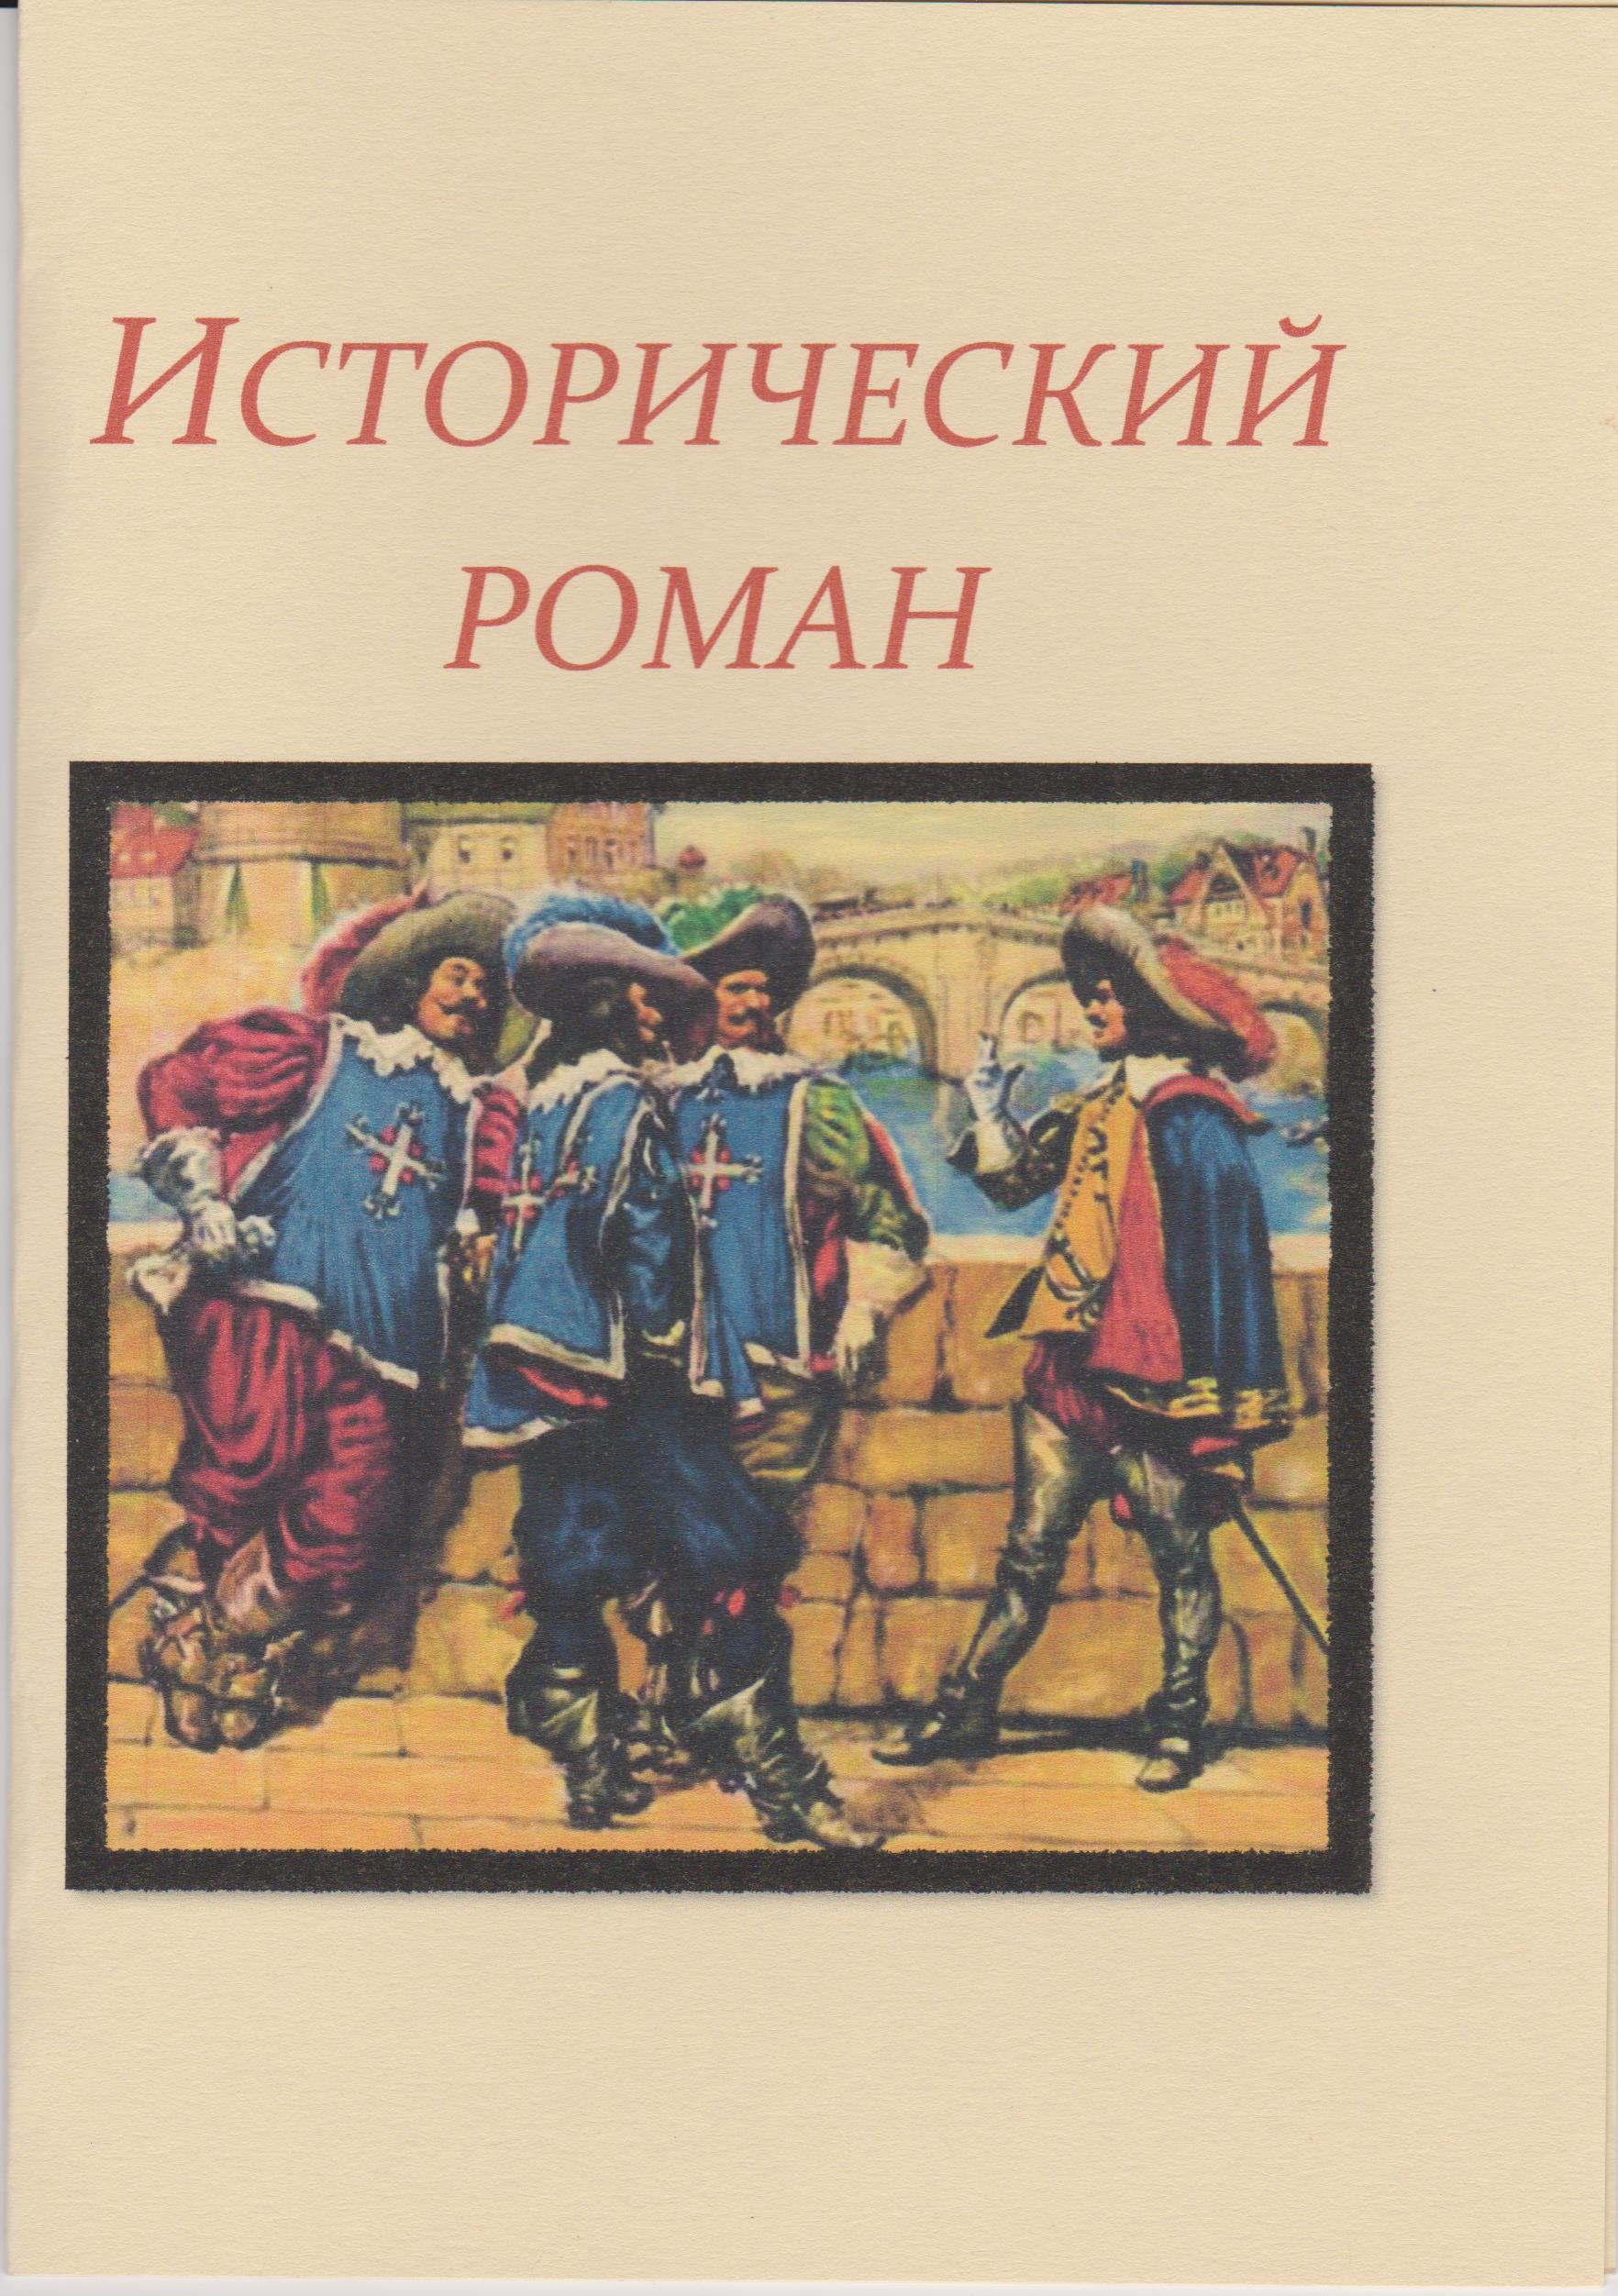 Исторический роман,библиоподиум,библиотека-филиал17 жукова,симферополь